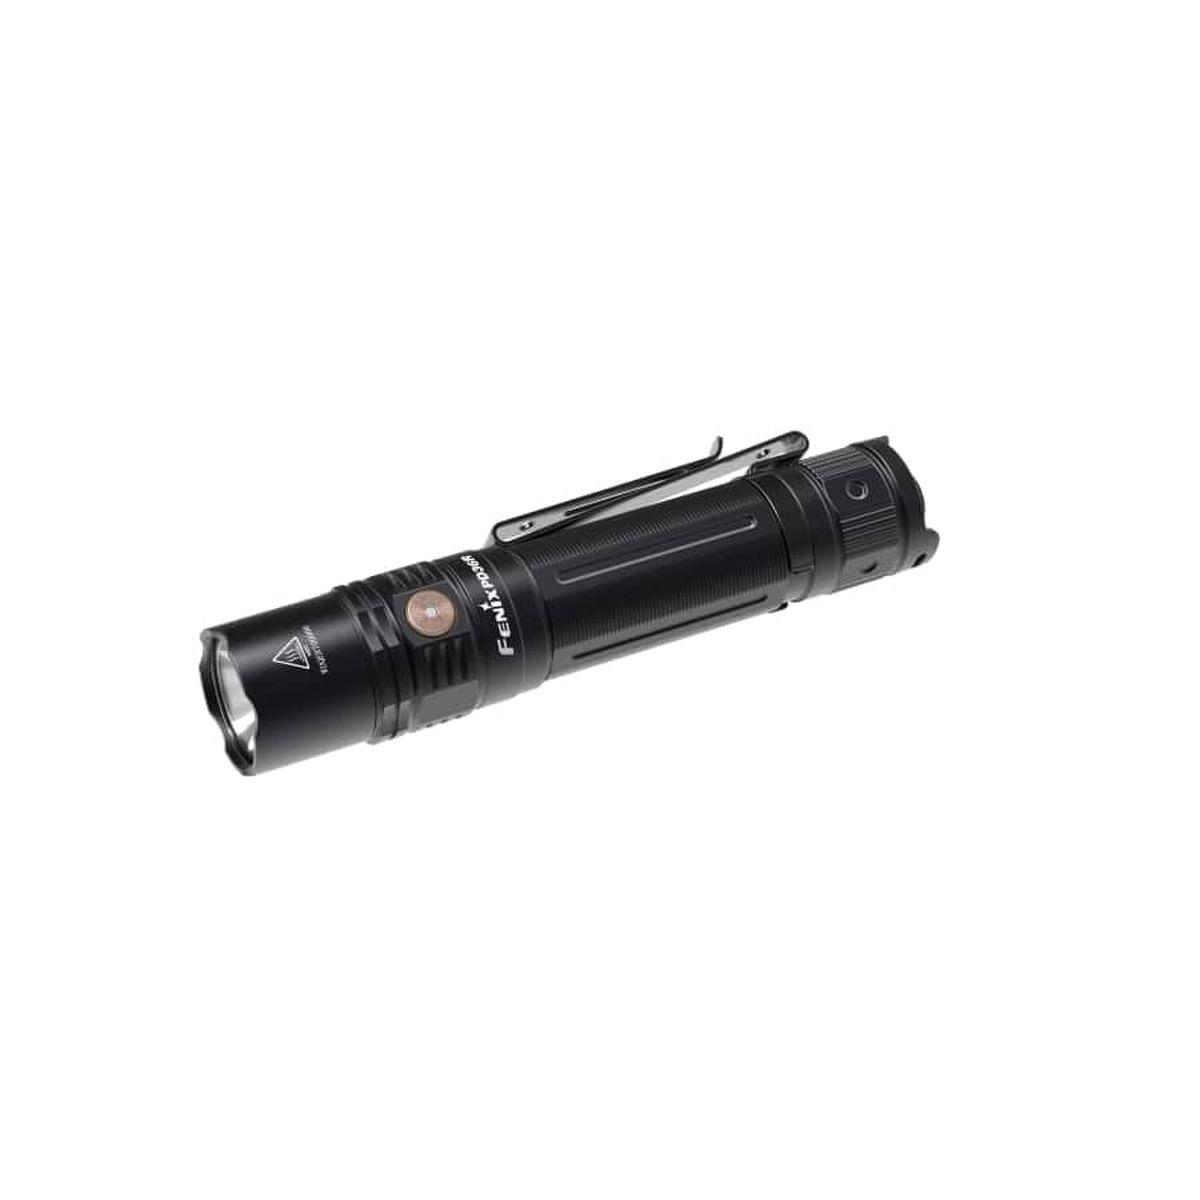 Ручной фонарь Fenix PD36R, черный